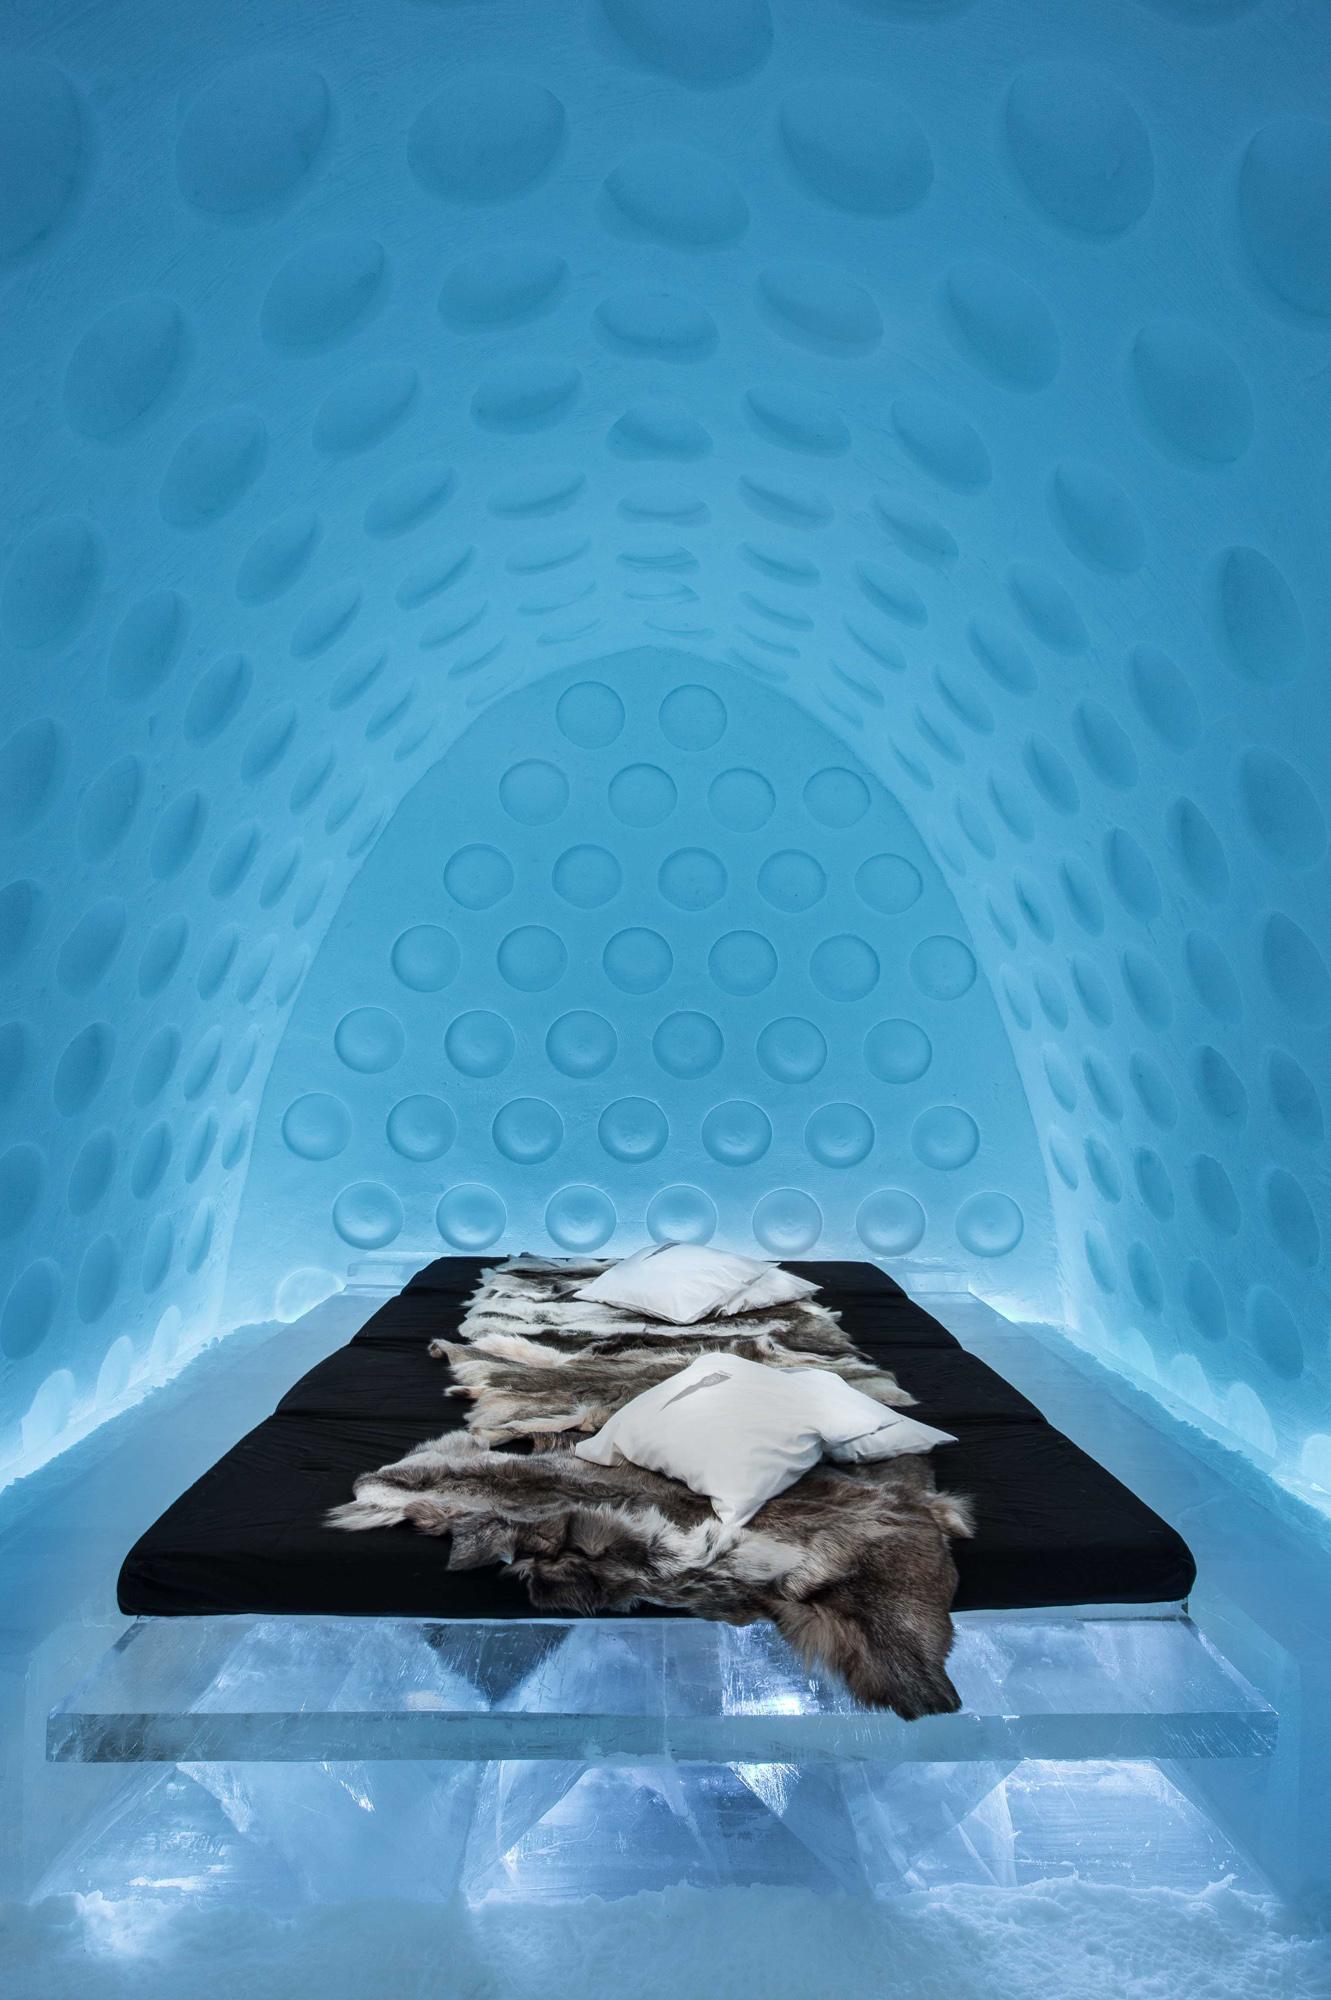 Under the Arctic Skin- Rob Harding och Timsam Harding--,By - Asaf Kliger (1 of 1)hr.jpg